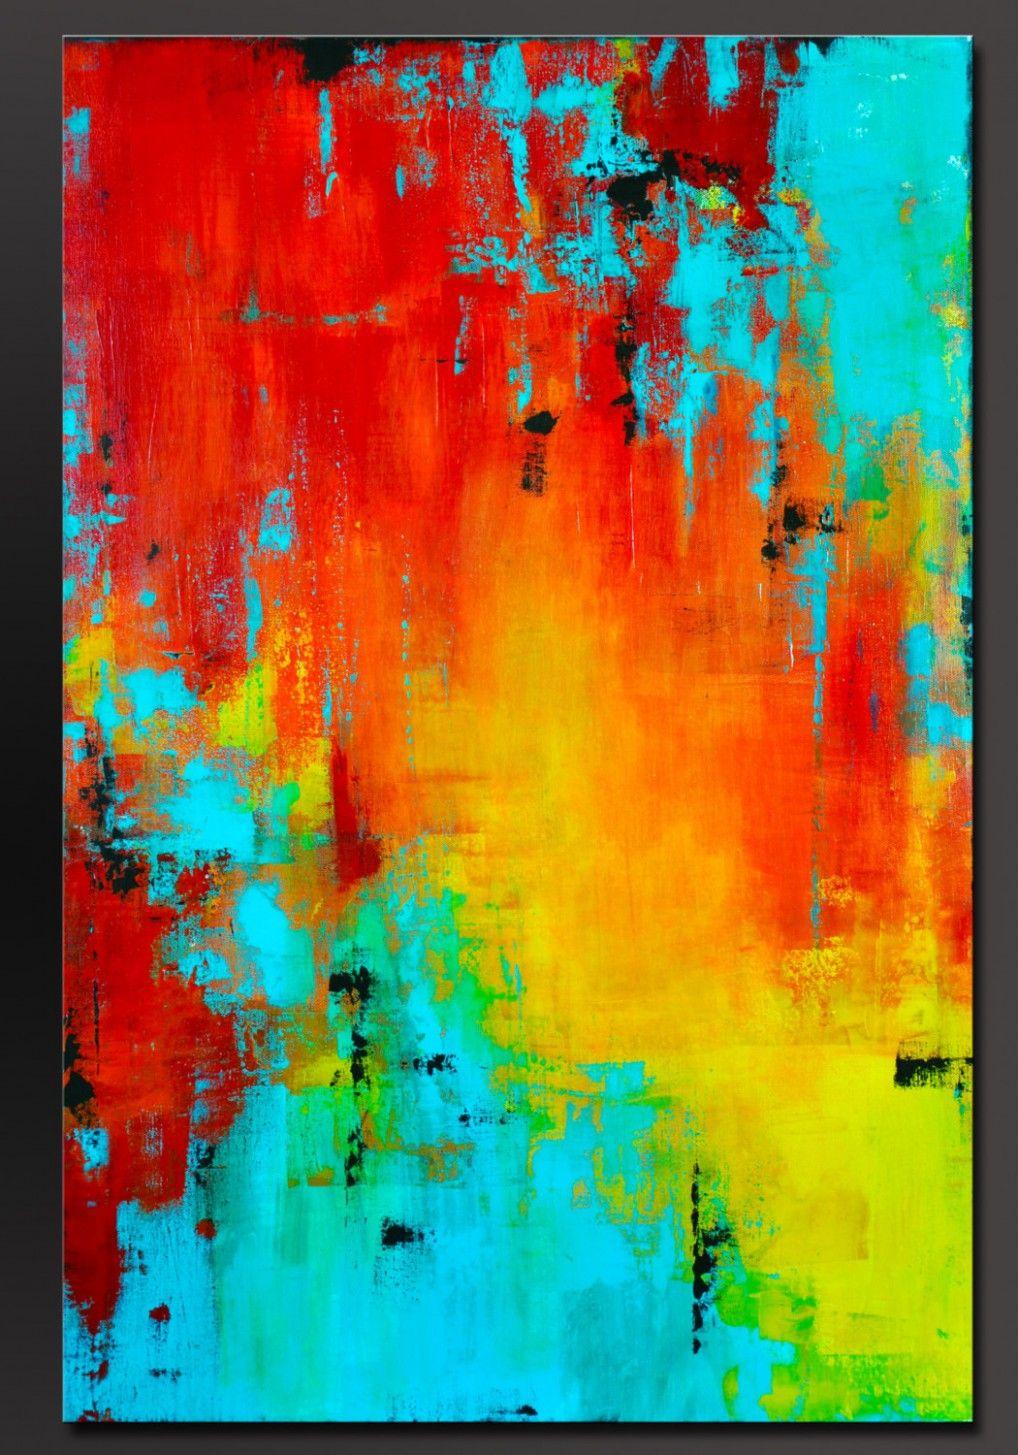 Marina Nina Kamal My Anatomy Is My Canvas Prism 36 X 24 Abstract Abstract Art Painting Abstract Abstract Painting Acrylic